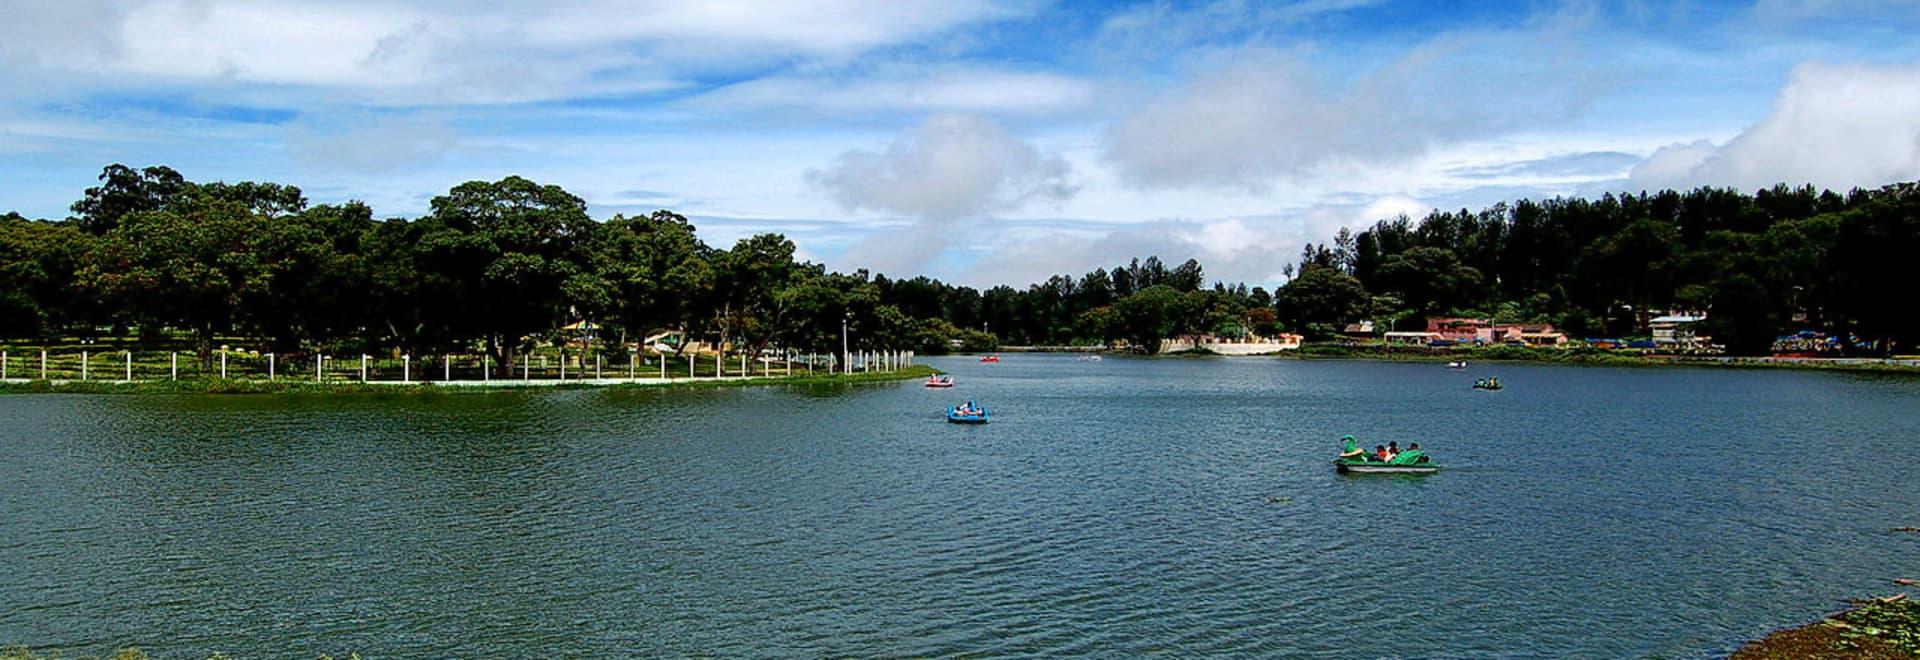 1493282834_1280px-yercaud_lake.jpg